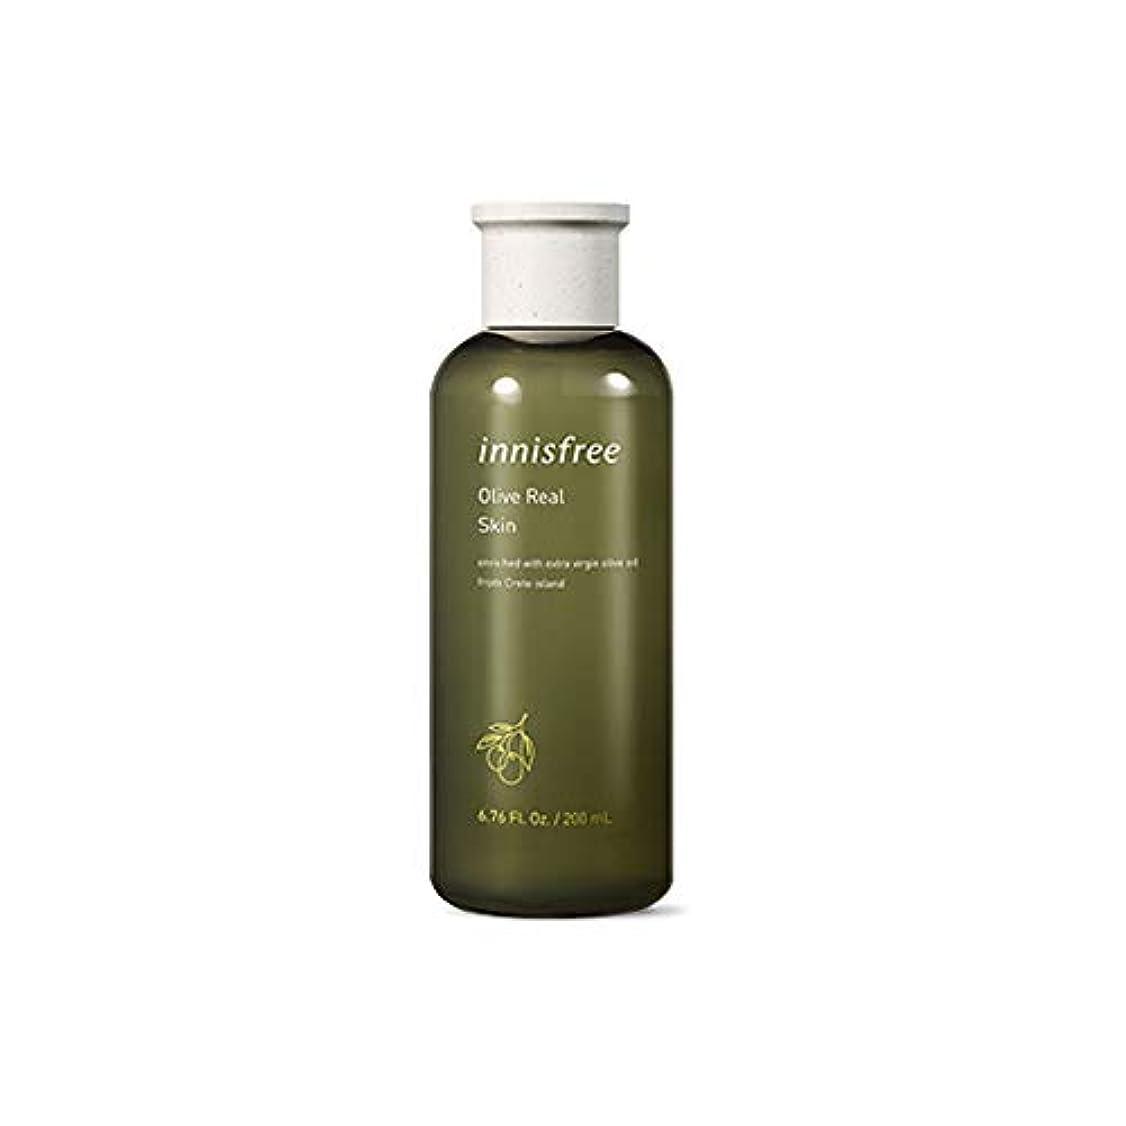 ブルーベルシャンプー淡いNEW[イニスフリー] Innisfree オリーブ リアル スキンEX (200ml) Innisfree Olive Real Skin EX(200ml) [海外直送品]